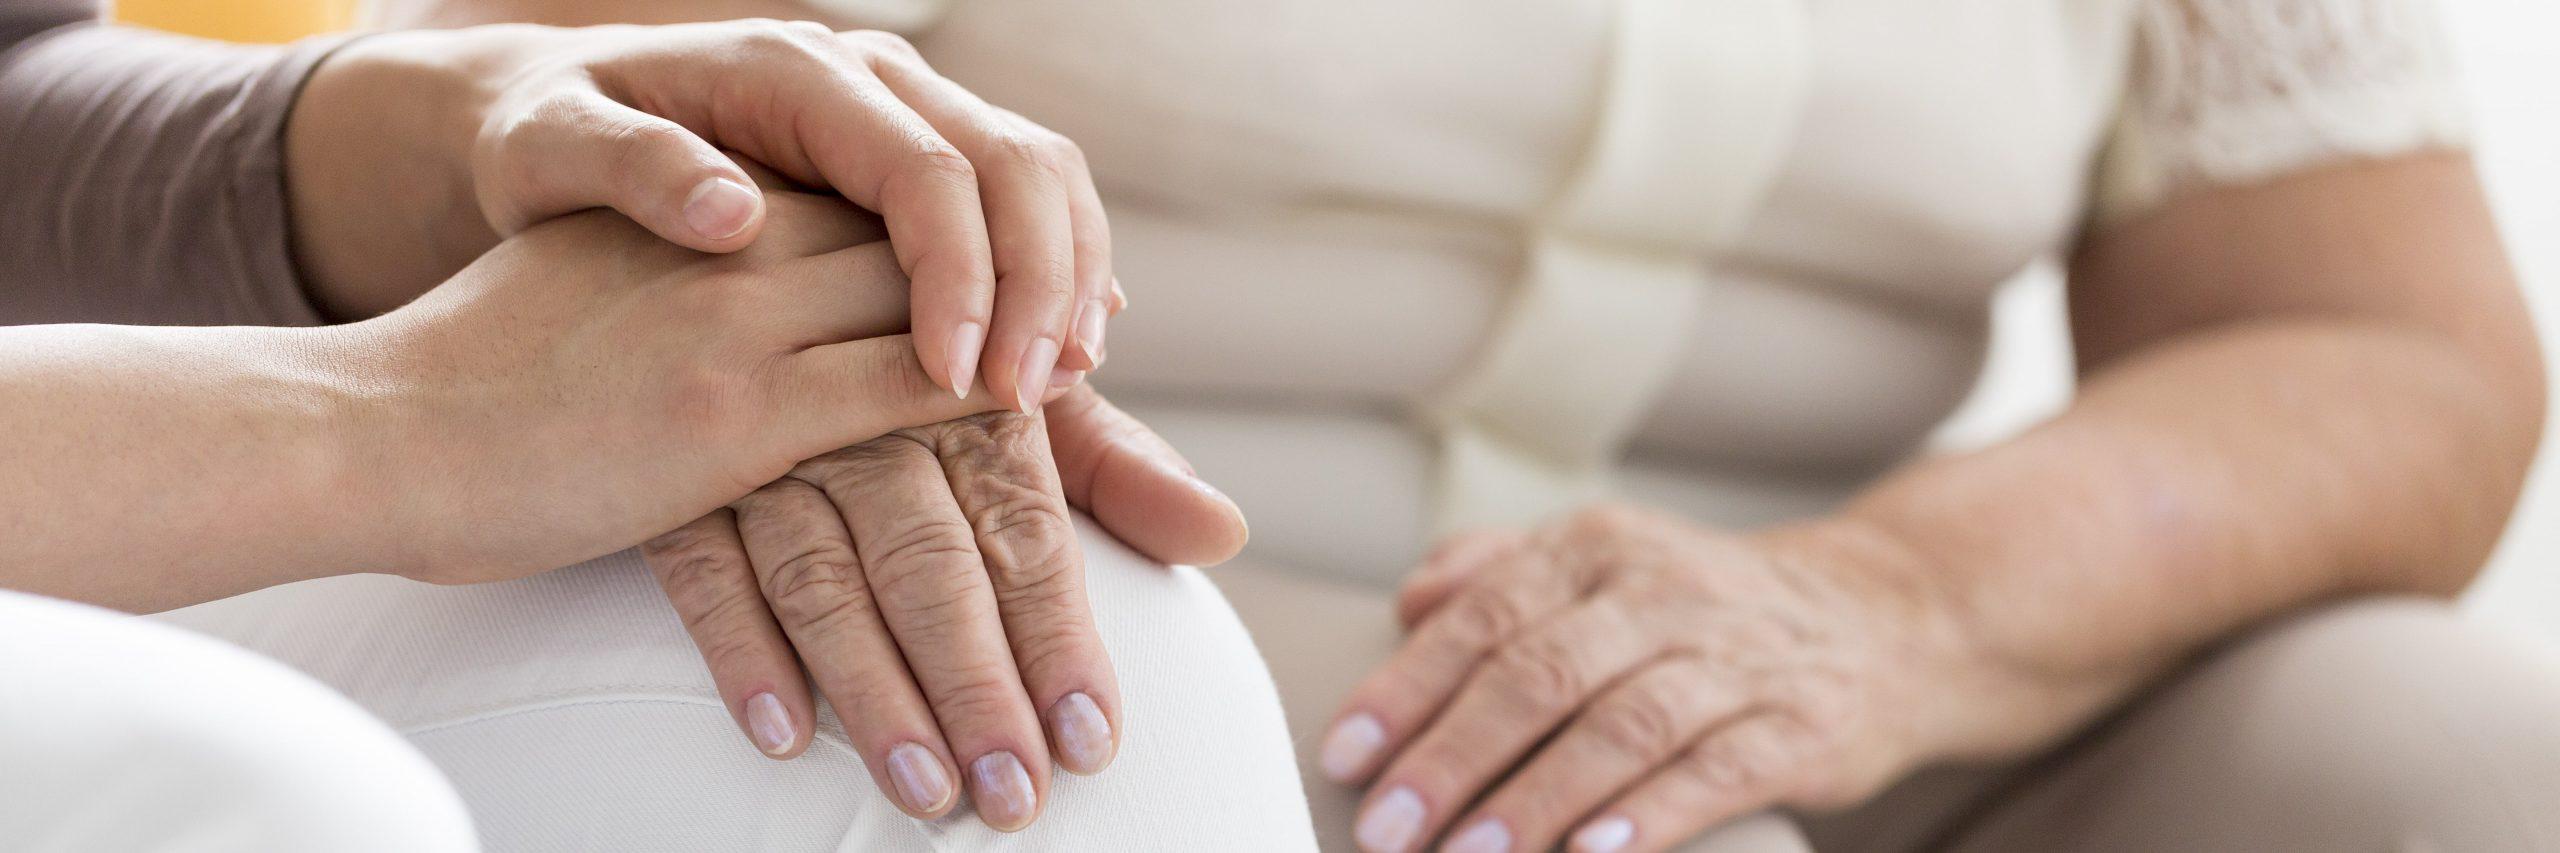 Alzheimer Society of Canada